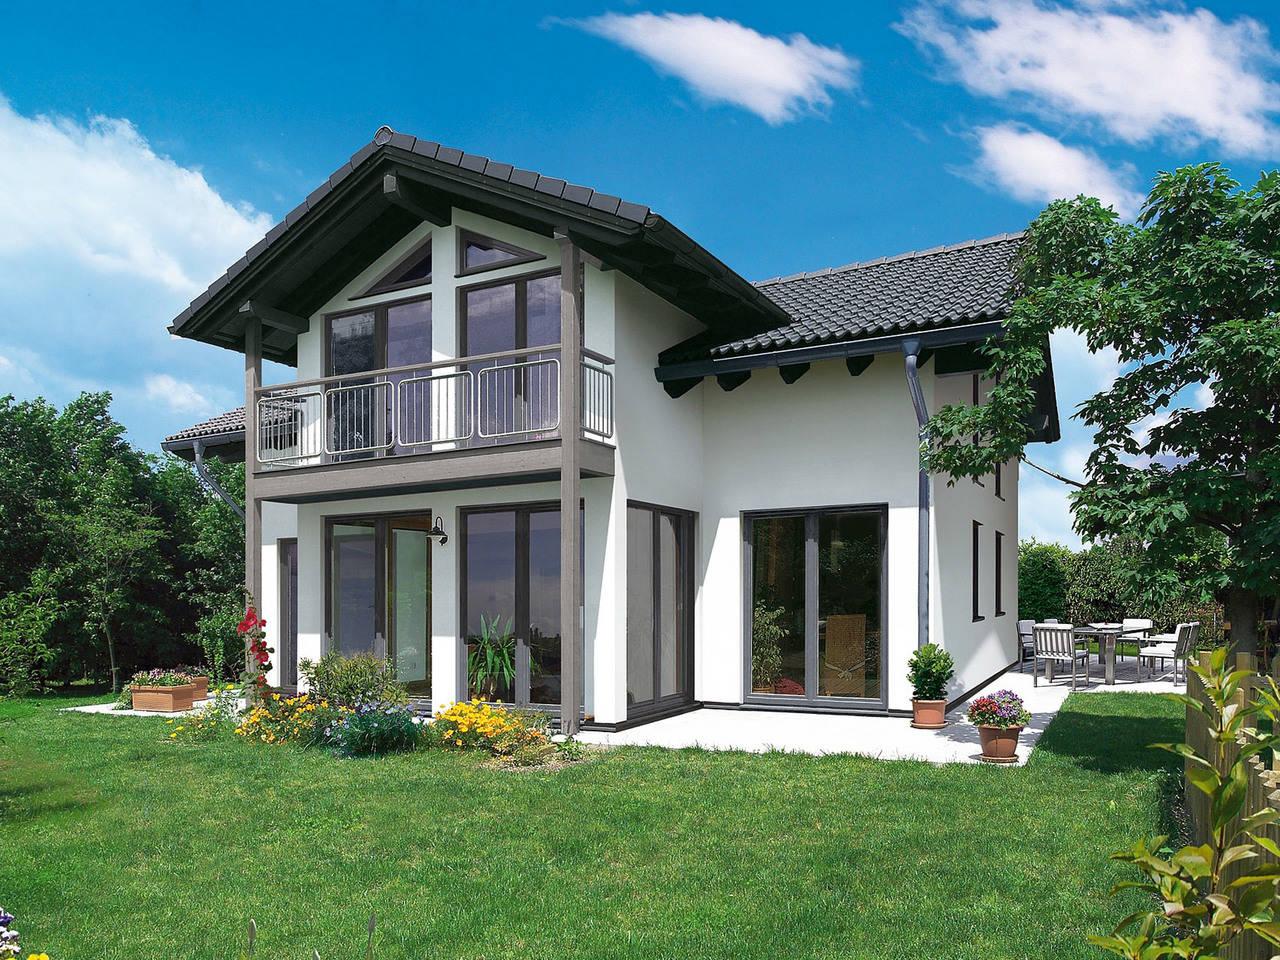 Fingerhut Haus Einfamilienhaus R102.10 Hauptansicht